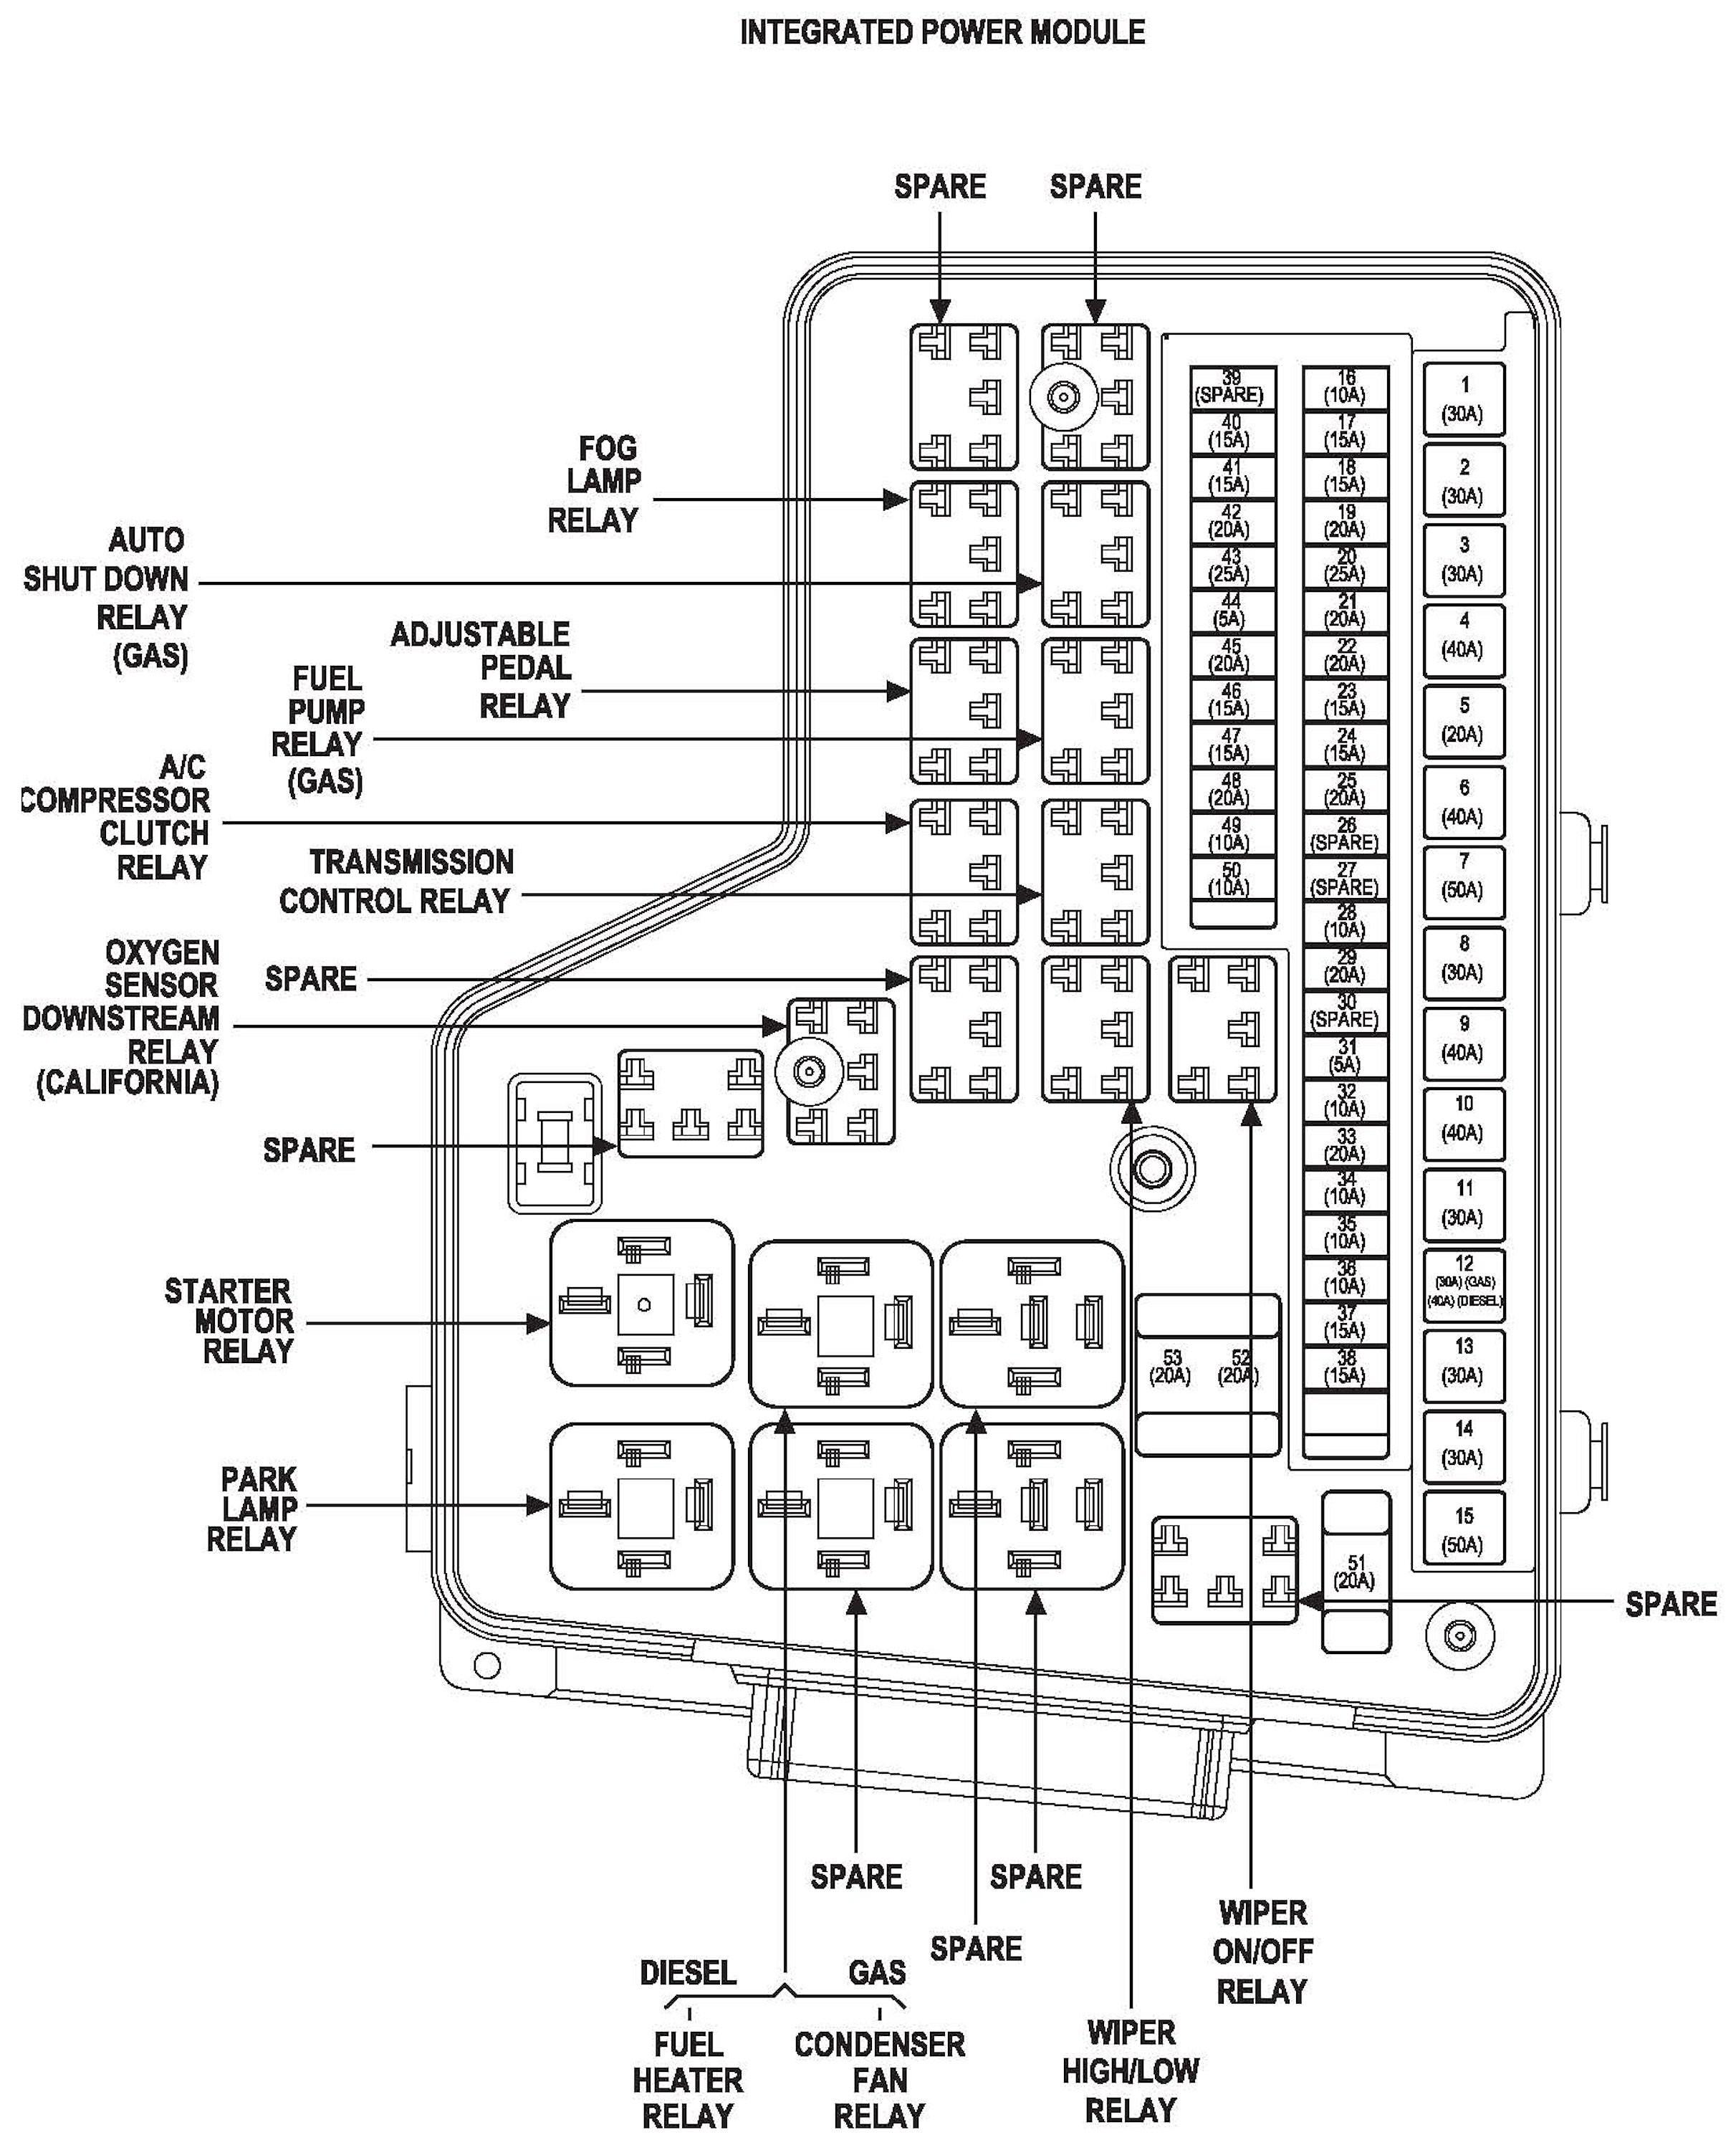 SO_9509] Labeled Diagram For 2001 Dodge Ram 1500 Fuse BoxBemua Tixat Trons Mohammedshrine Librar Wiring 101